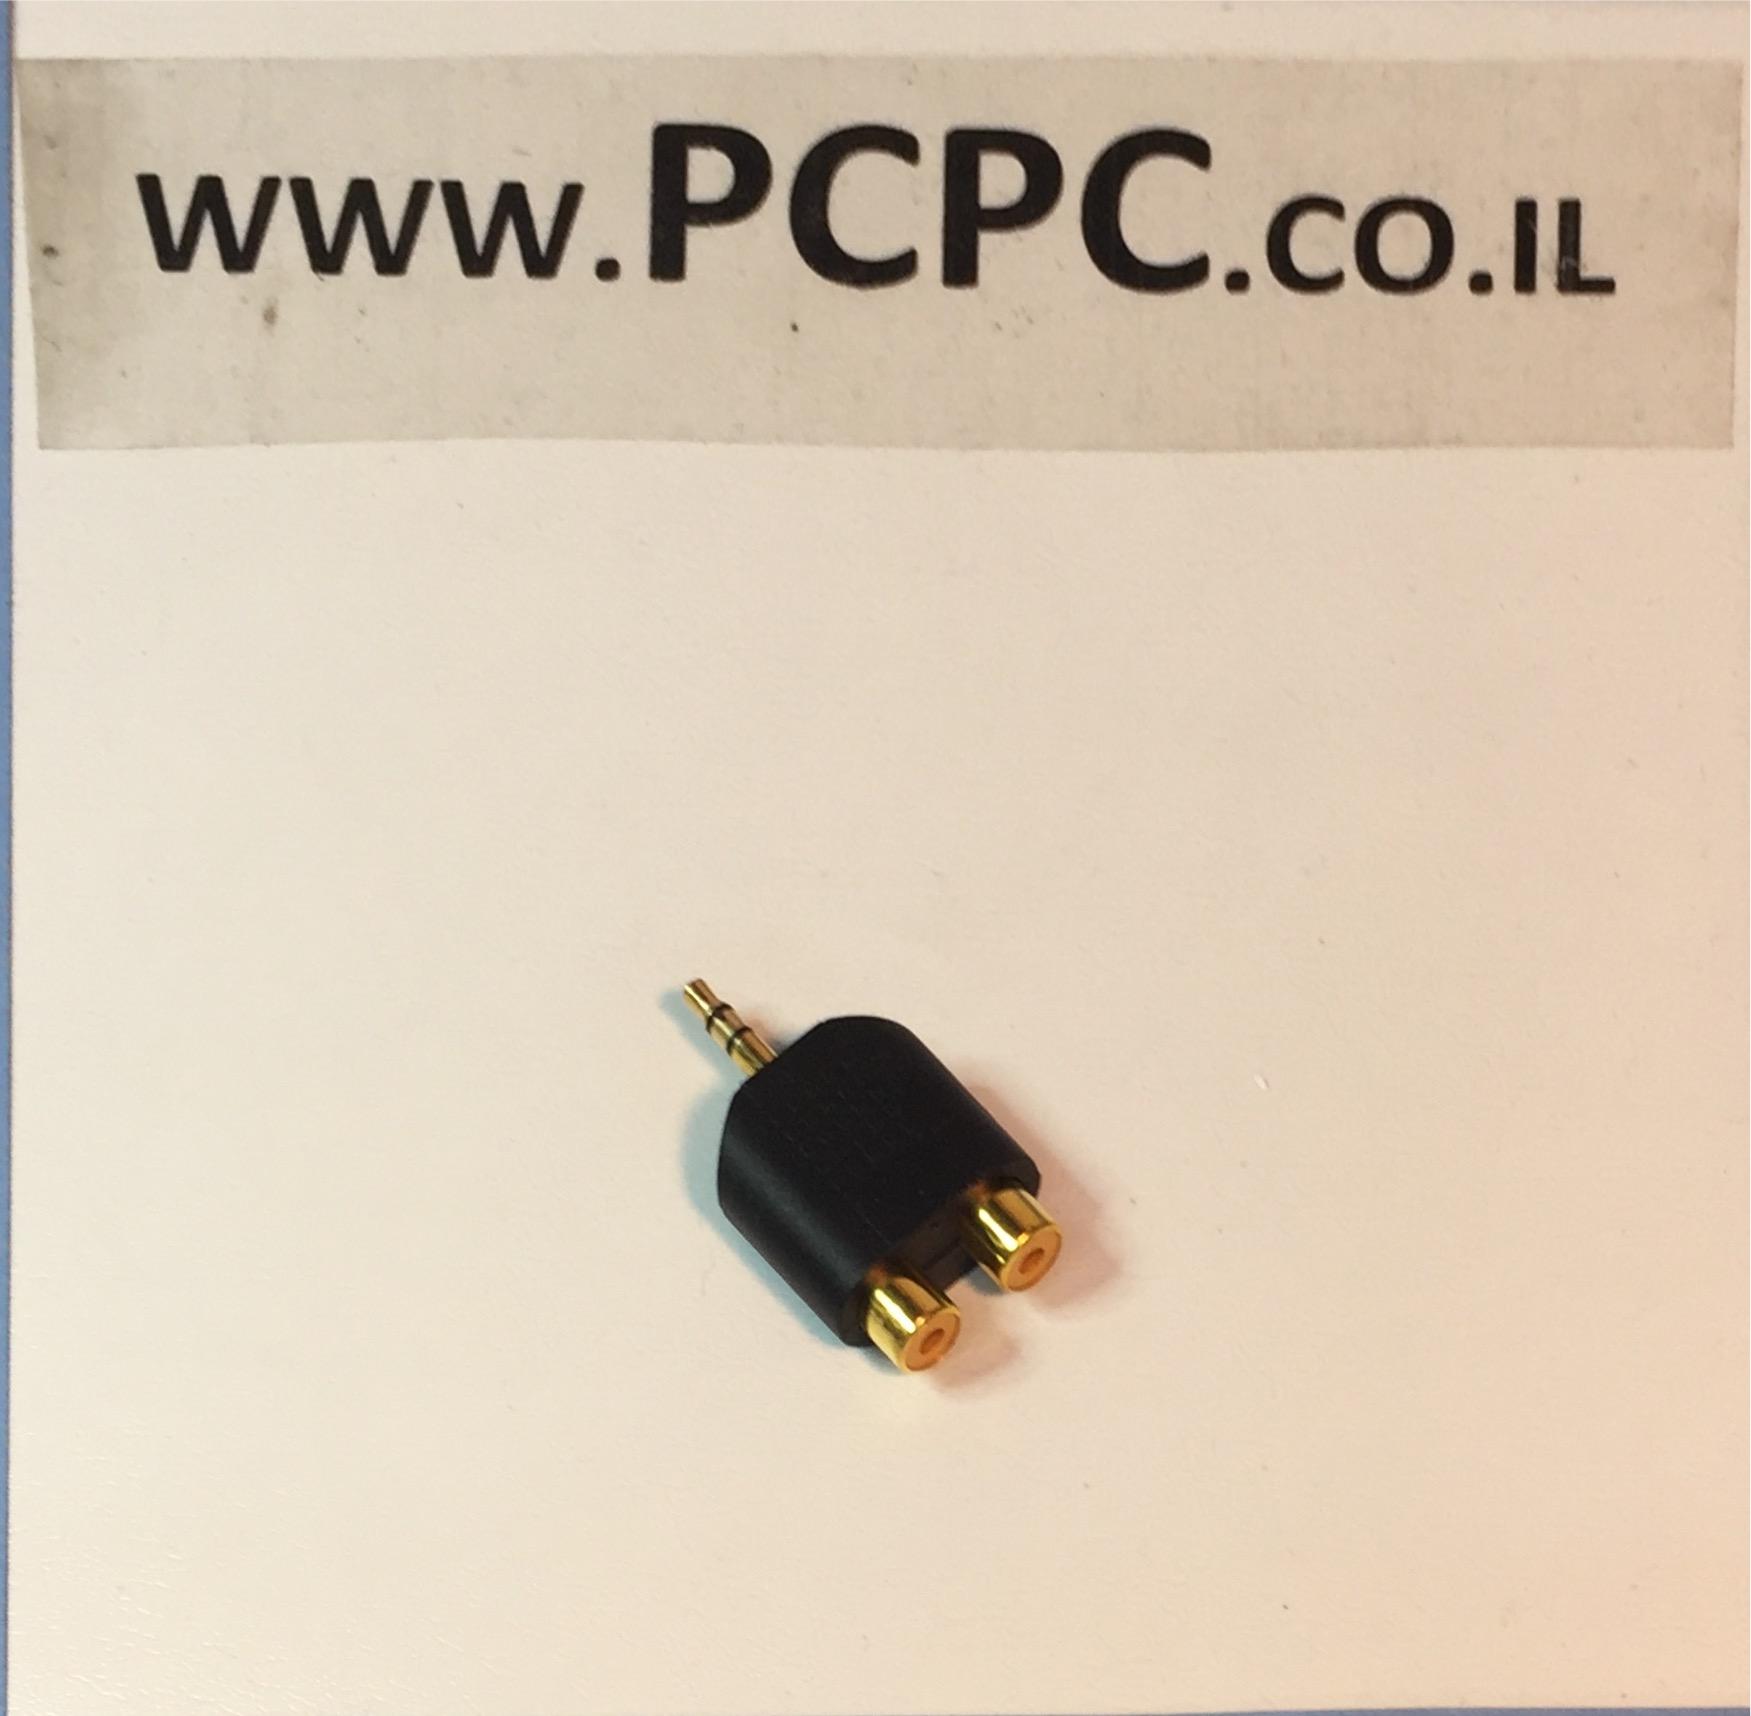 מפצל  RCA  מ 2נקבה ל 3.5 PL  זכר יצוק